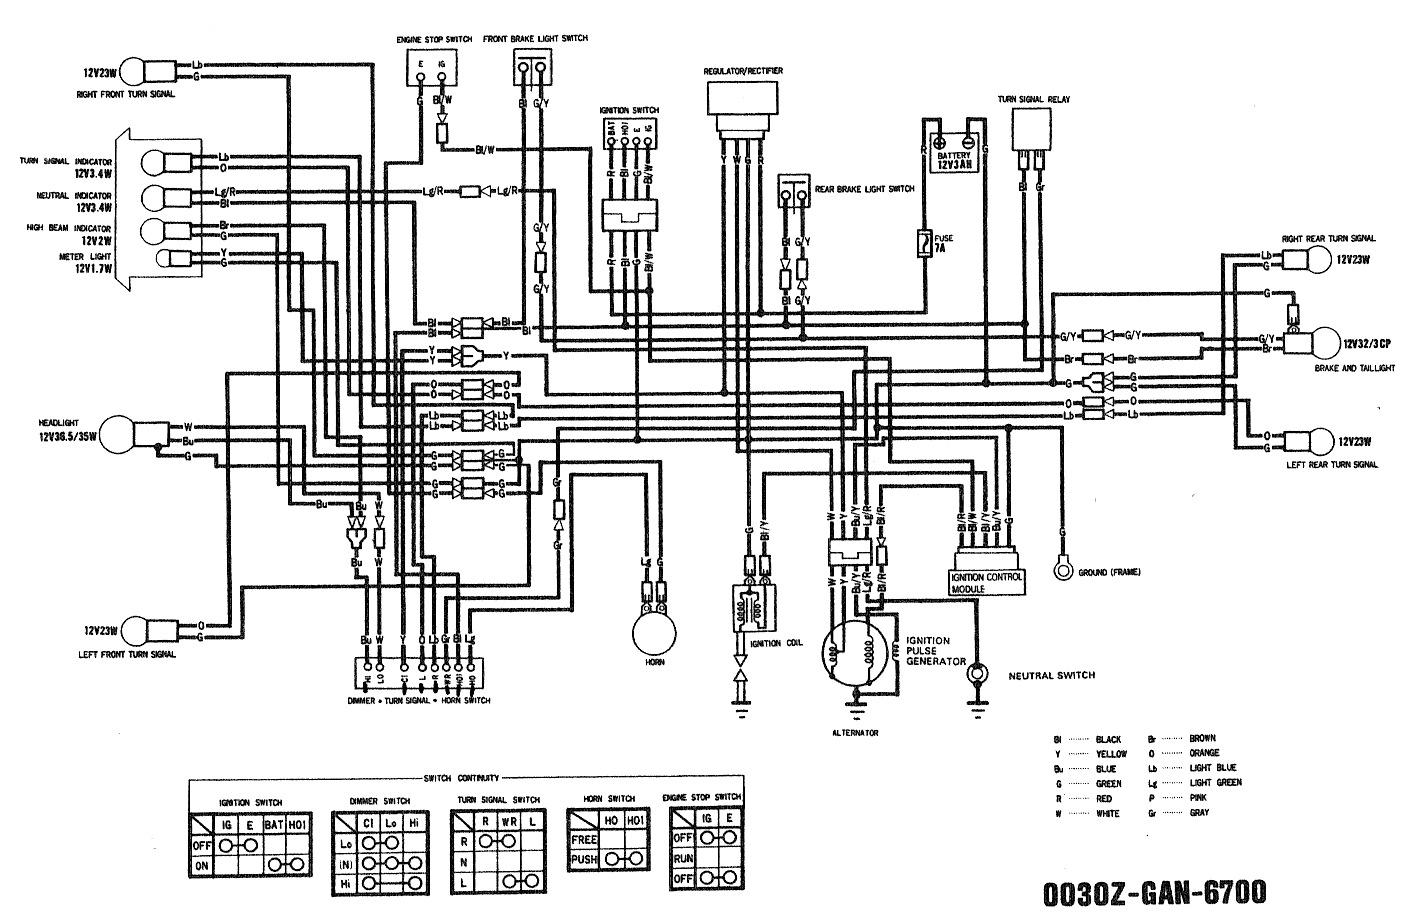 Honda Fury Wiring Diagram Detailed Schematics 1994 Ktm 2010 Schematic Diagrams Rancher 350